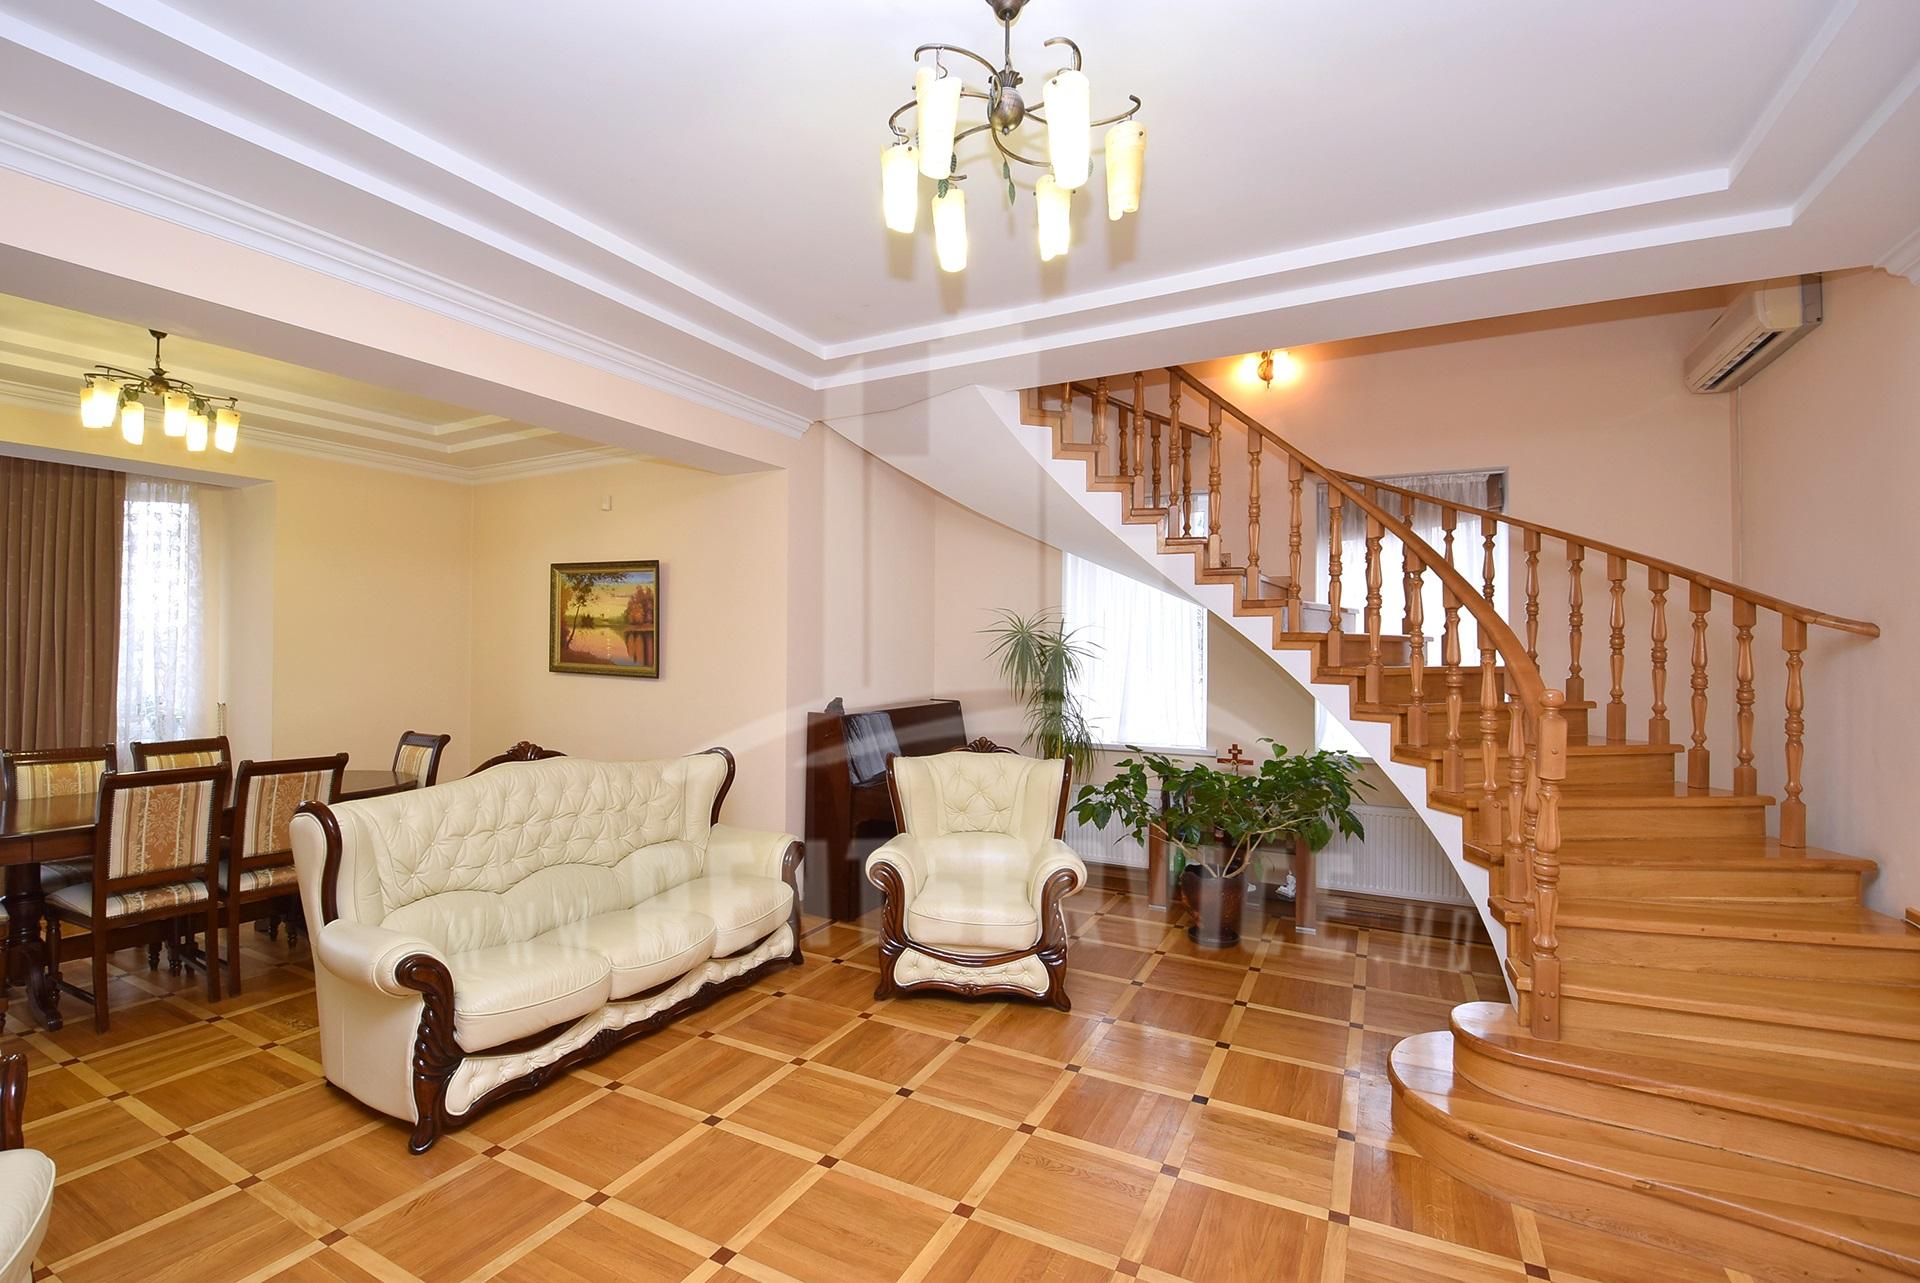 131_house_2.jpg